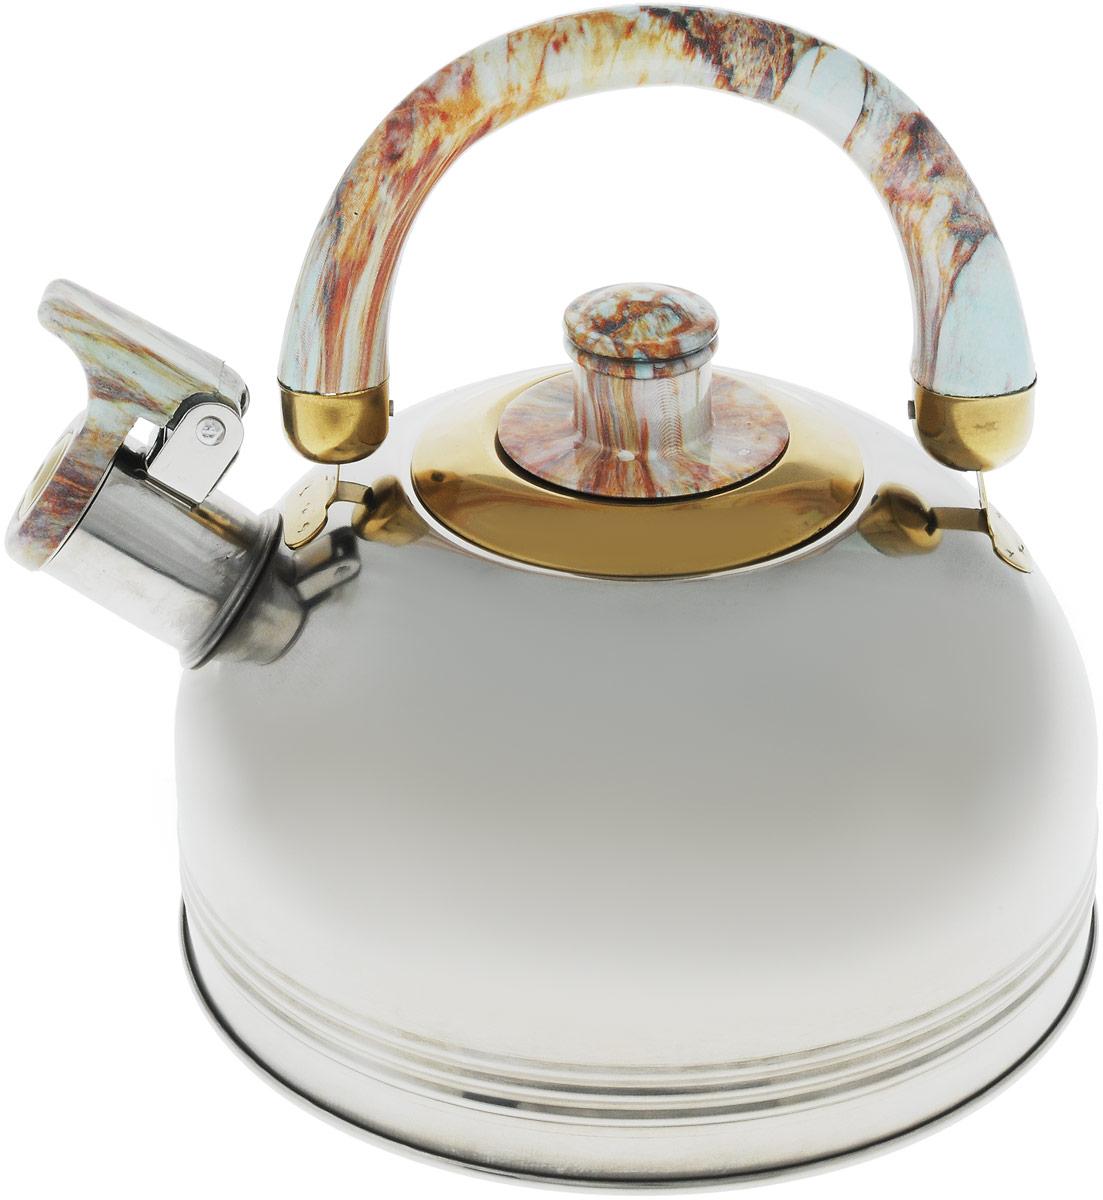 Чайник Wellberg, со свистком, цвет: бежевый, белый, 2 л. 127 WB127 WB_фиолетовыйЧайник Wellberg Whistling выполнен из высококачественной нержавеющей стали, что делает его весьма гигиеничным и устойчивым к износу при длительном использовании. Носик чайника оснащен свистком, что позволит вам контролировать процесс подогрева или кипячения воды. Удобная подвижная ручка выполнена из пластика.Эстетичный и функциональный чайник будет оригинально смотреться в любом интерьере.Подходит для всех типов плит, включая индукционные. Можно мыть в посудомоечной машине.Высота чайника (с учетом ручки и крышки): 19,5 см.Высота чайника (без учета ручки и крышки): 10,5 см.Диаметр чайника (по верхнему краю): 8,5 см.Диаметр основания: 18,8 см.